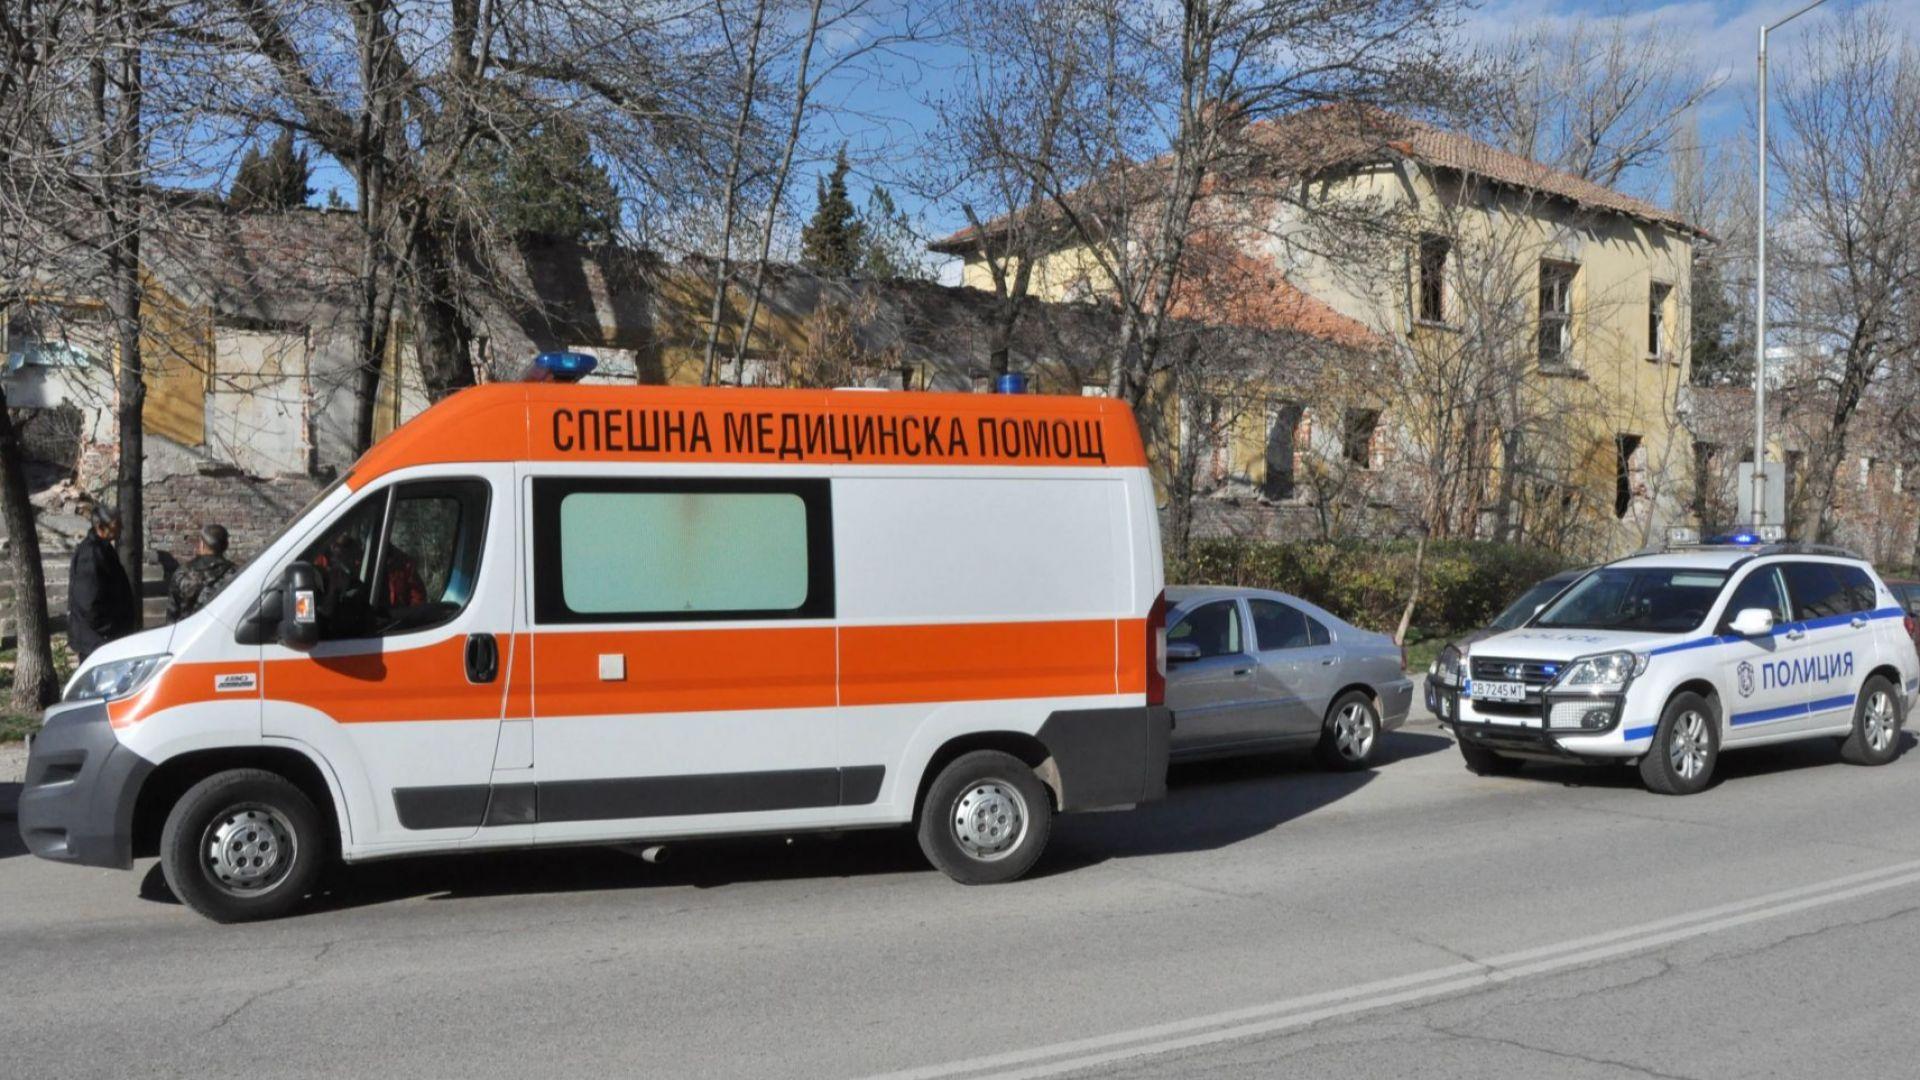 Откриха труп на криминално проявен в бившите казарми в Хасково (снимки)